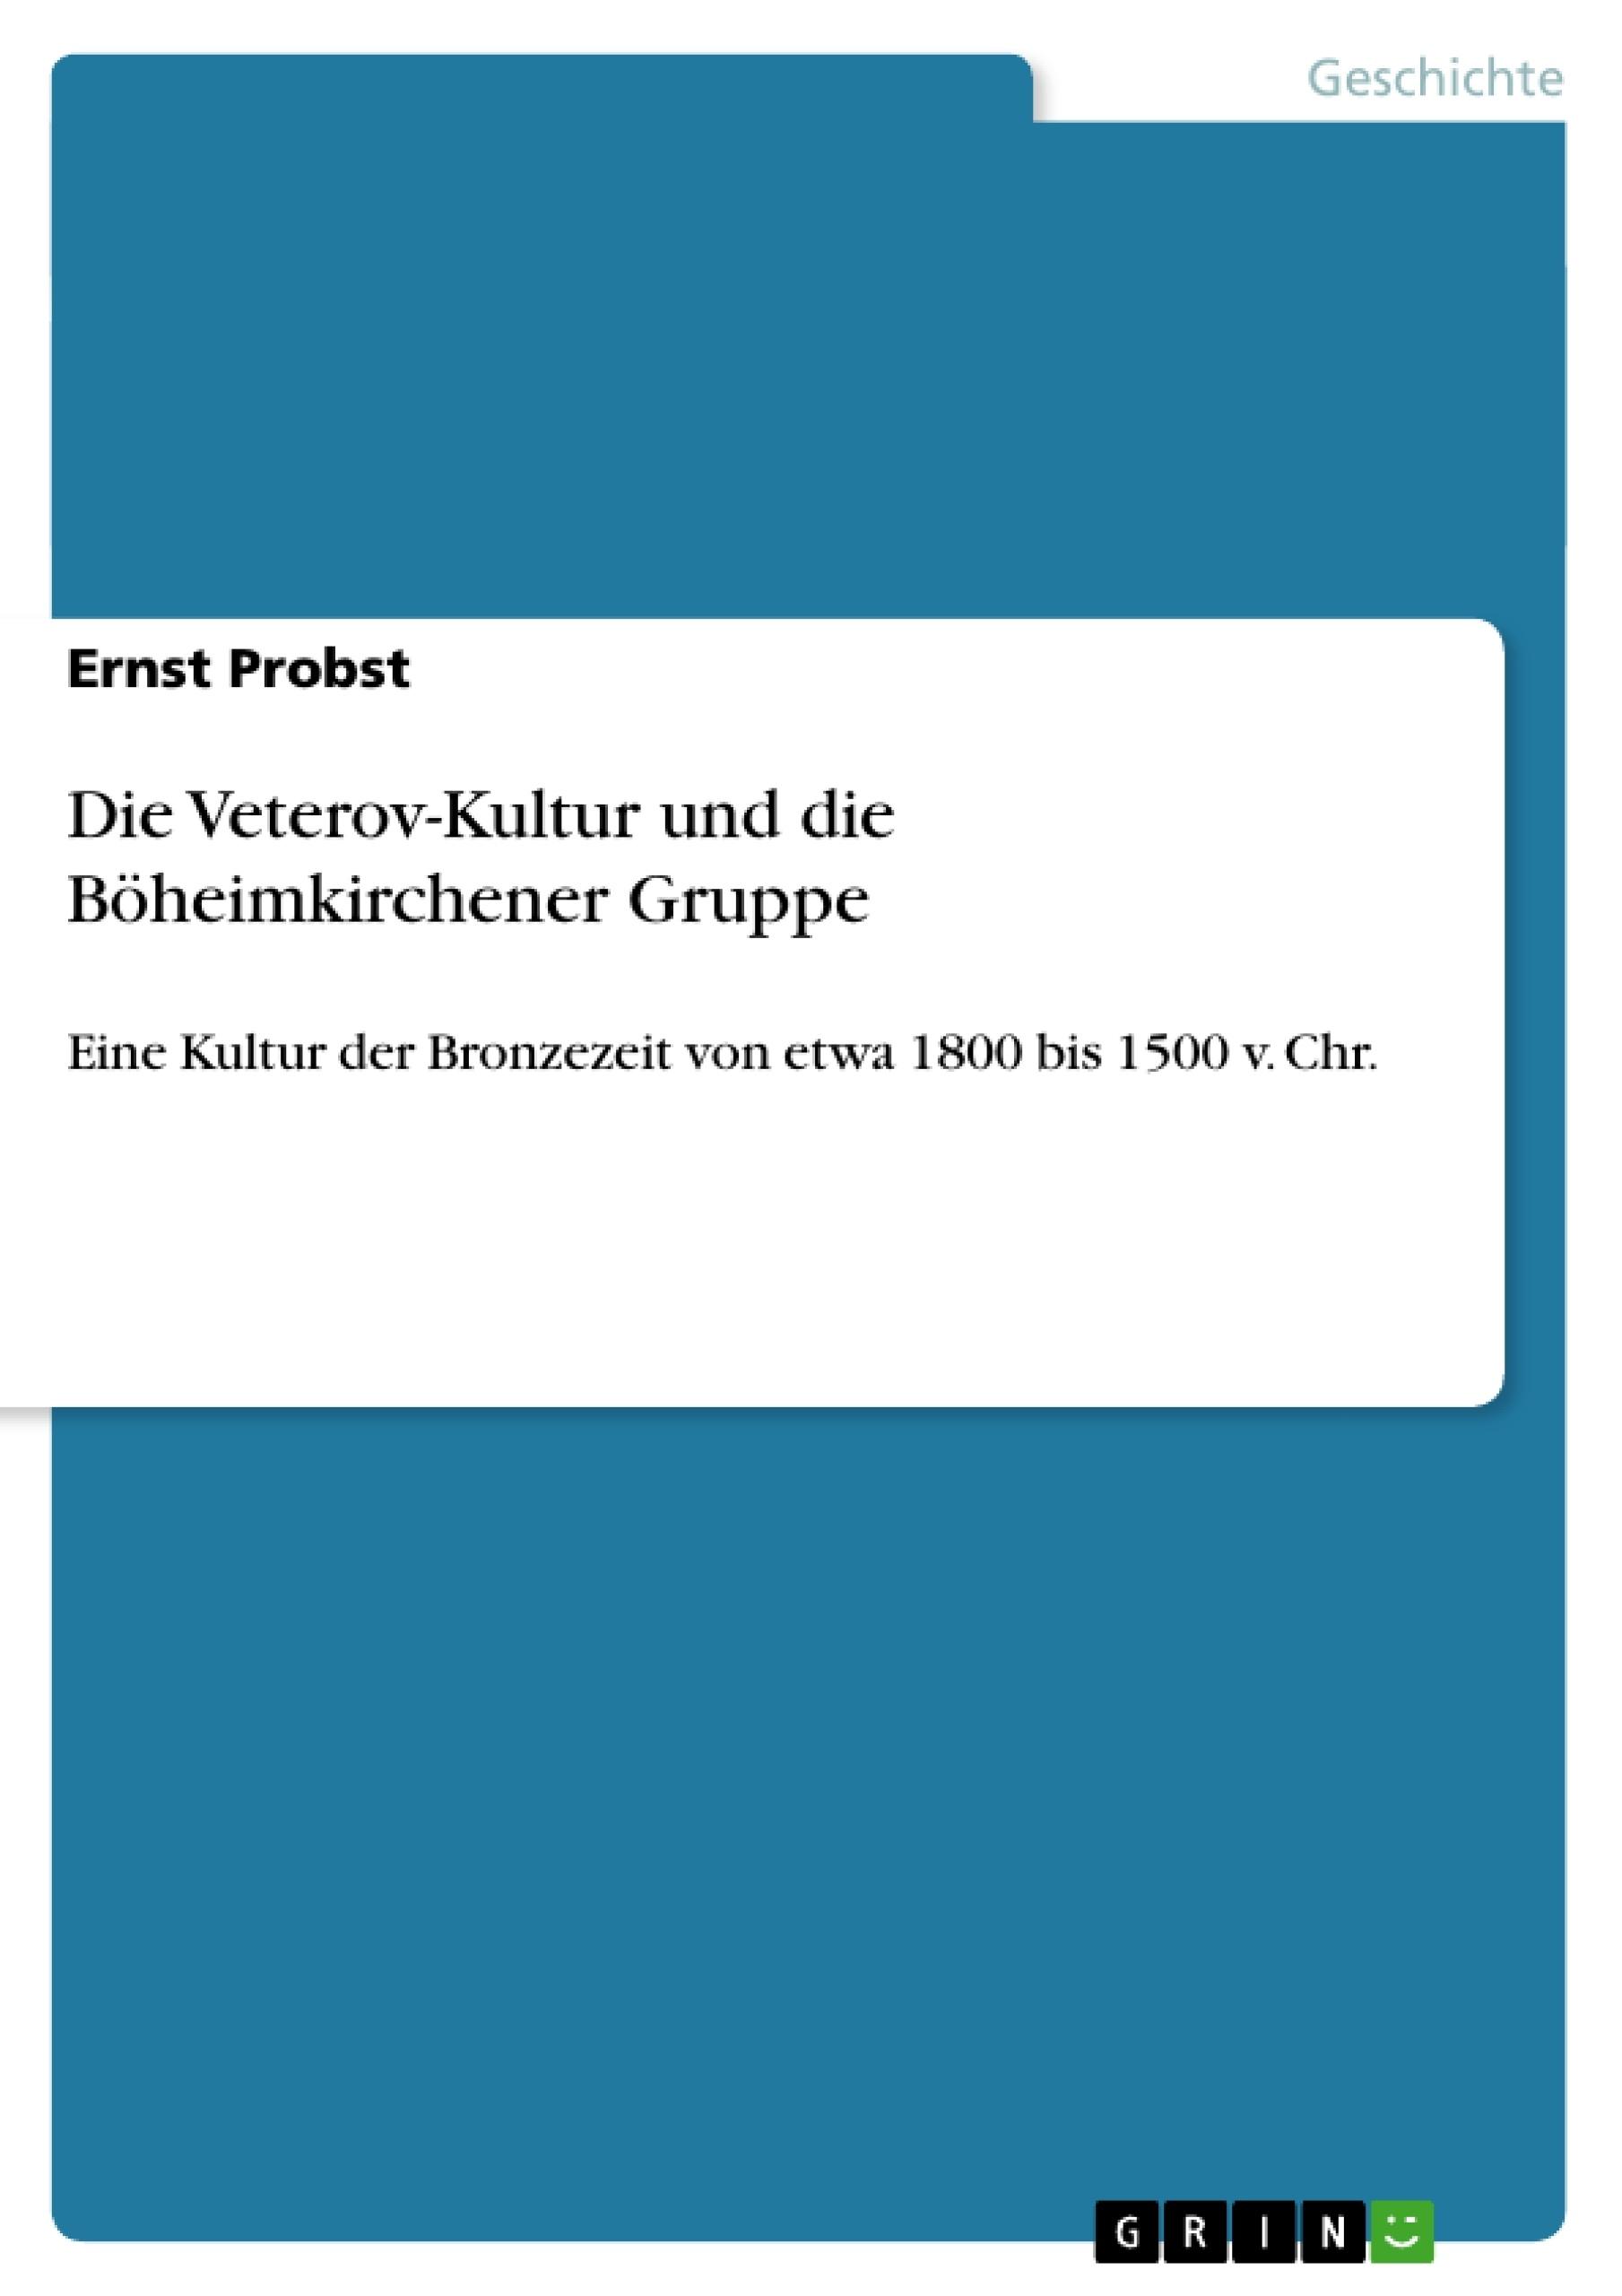 Titel: Die Veterov-Kultur und die Böheimkirchener Gruppe